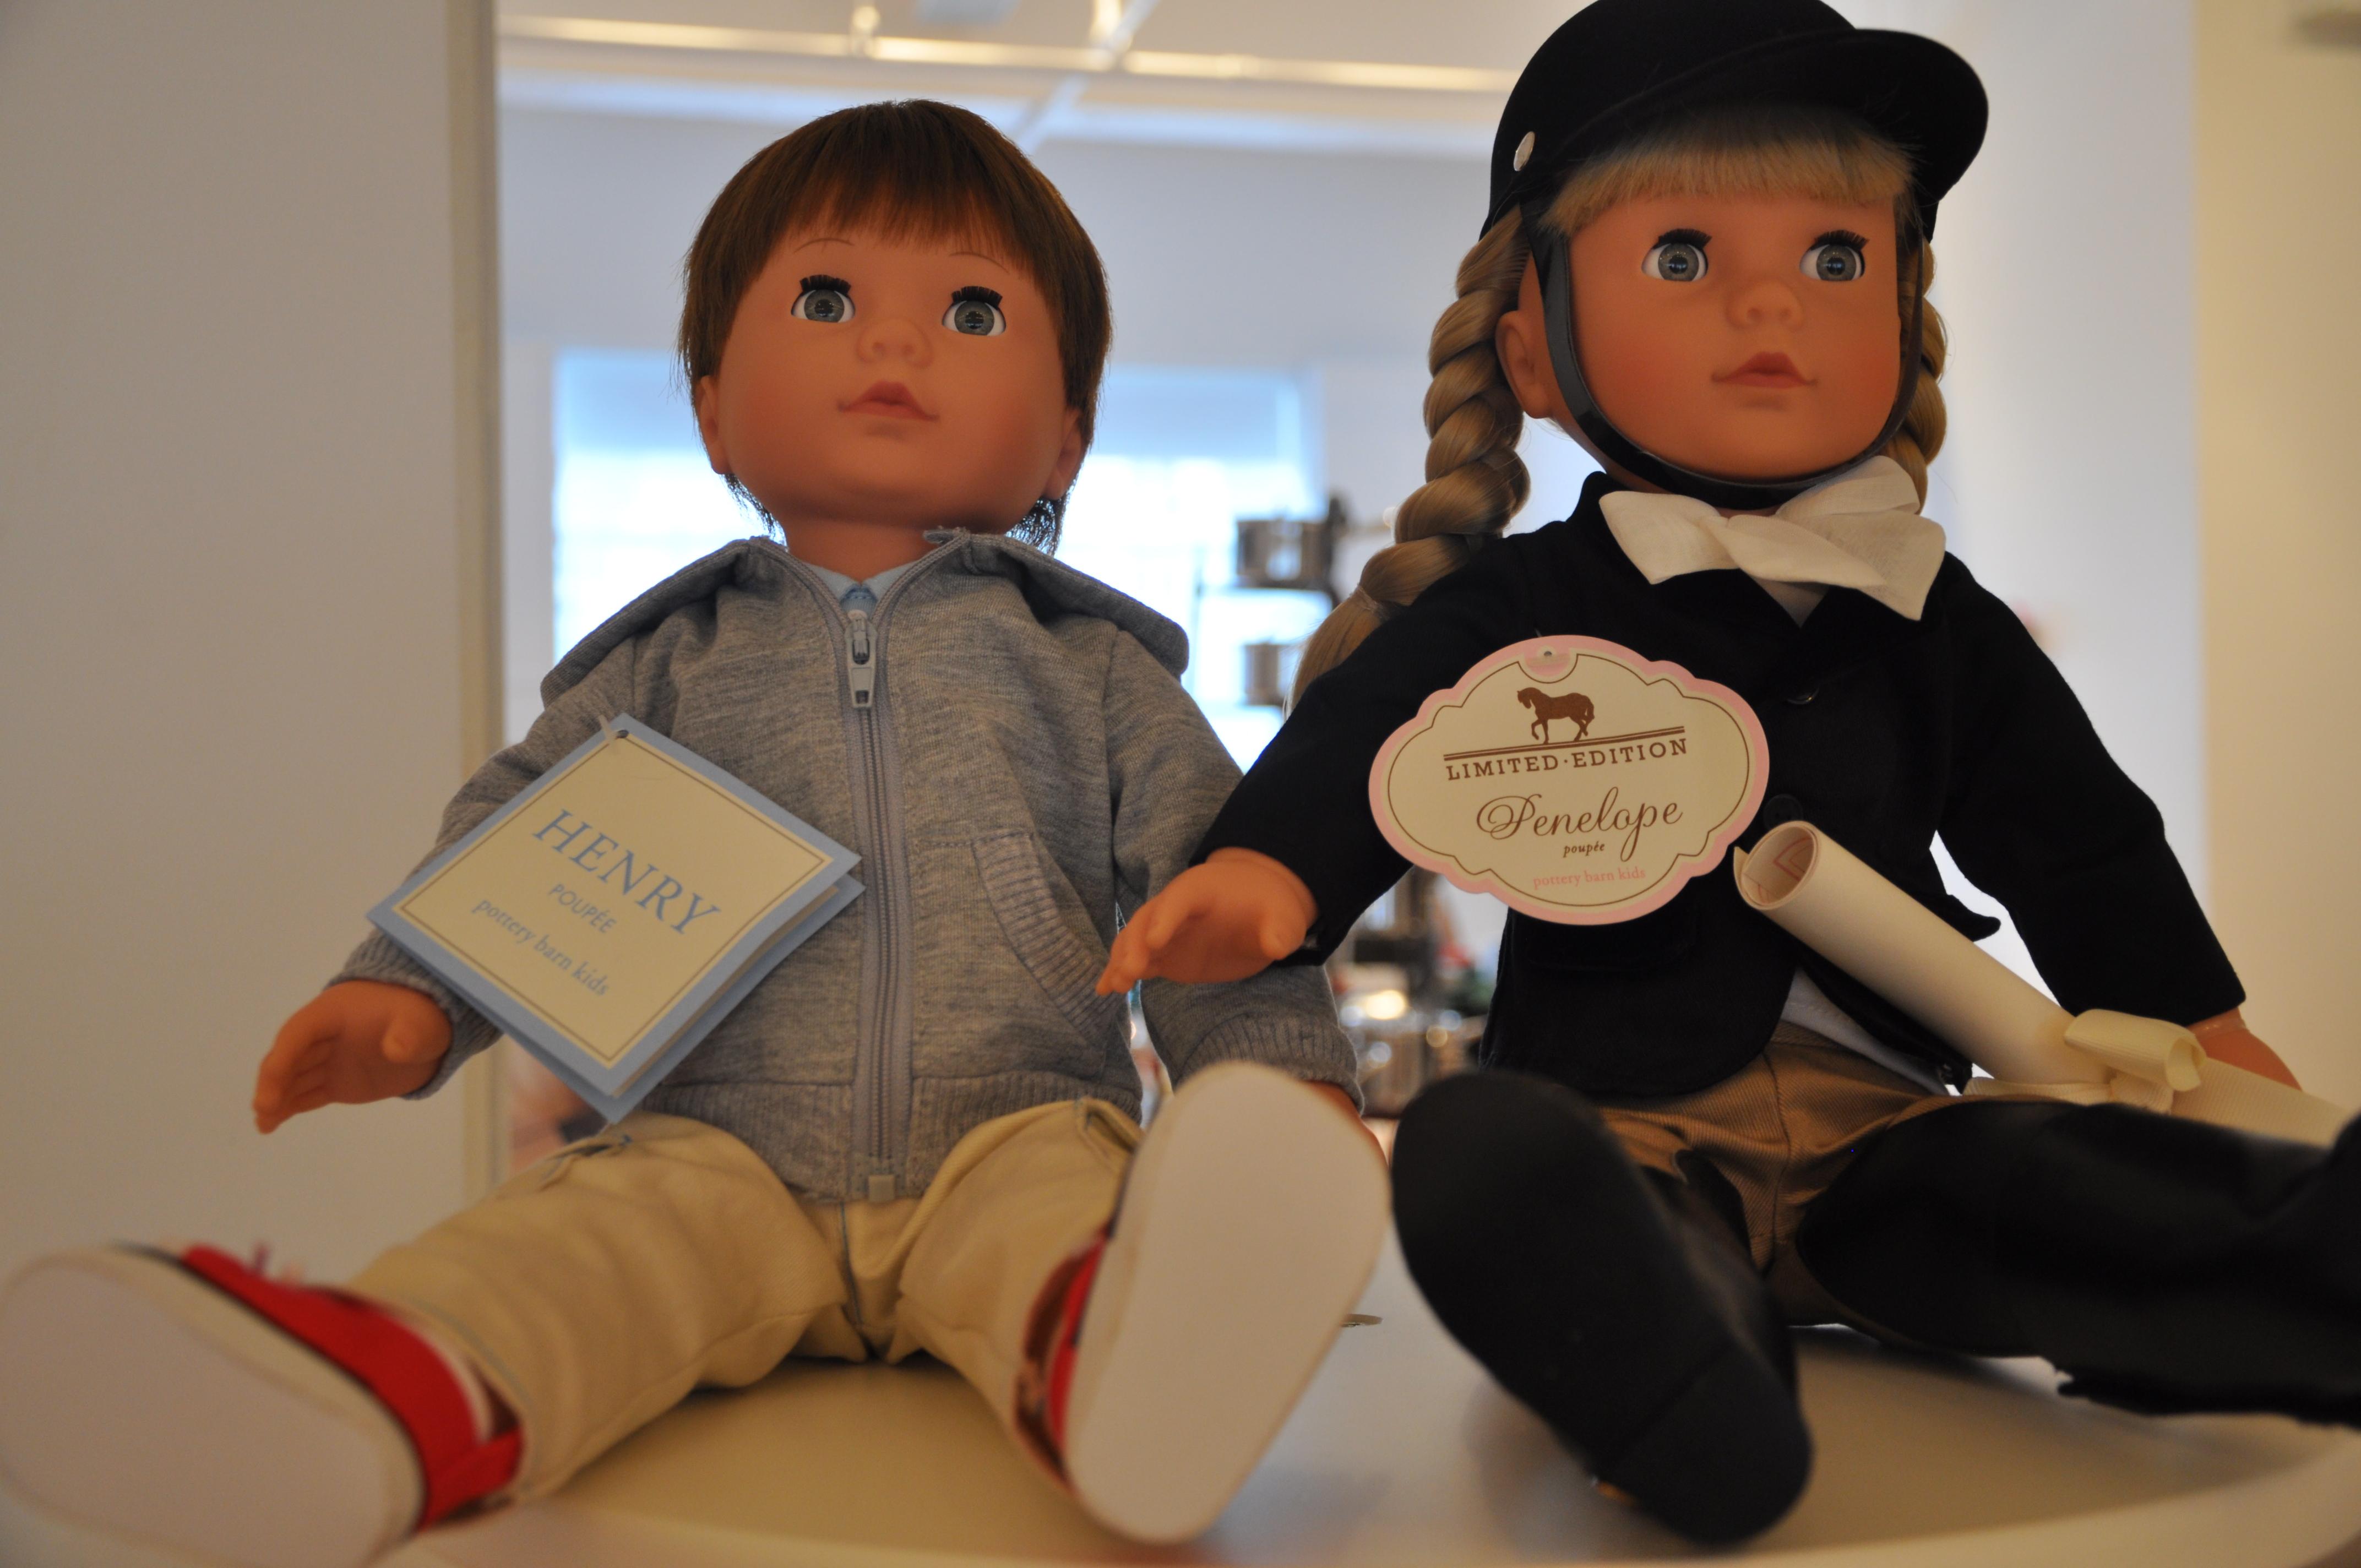 Pottery Barn Kids Holiday Sneak Peek